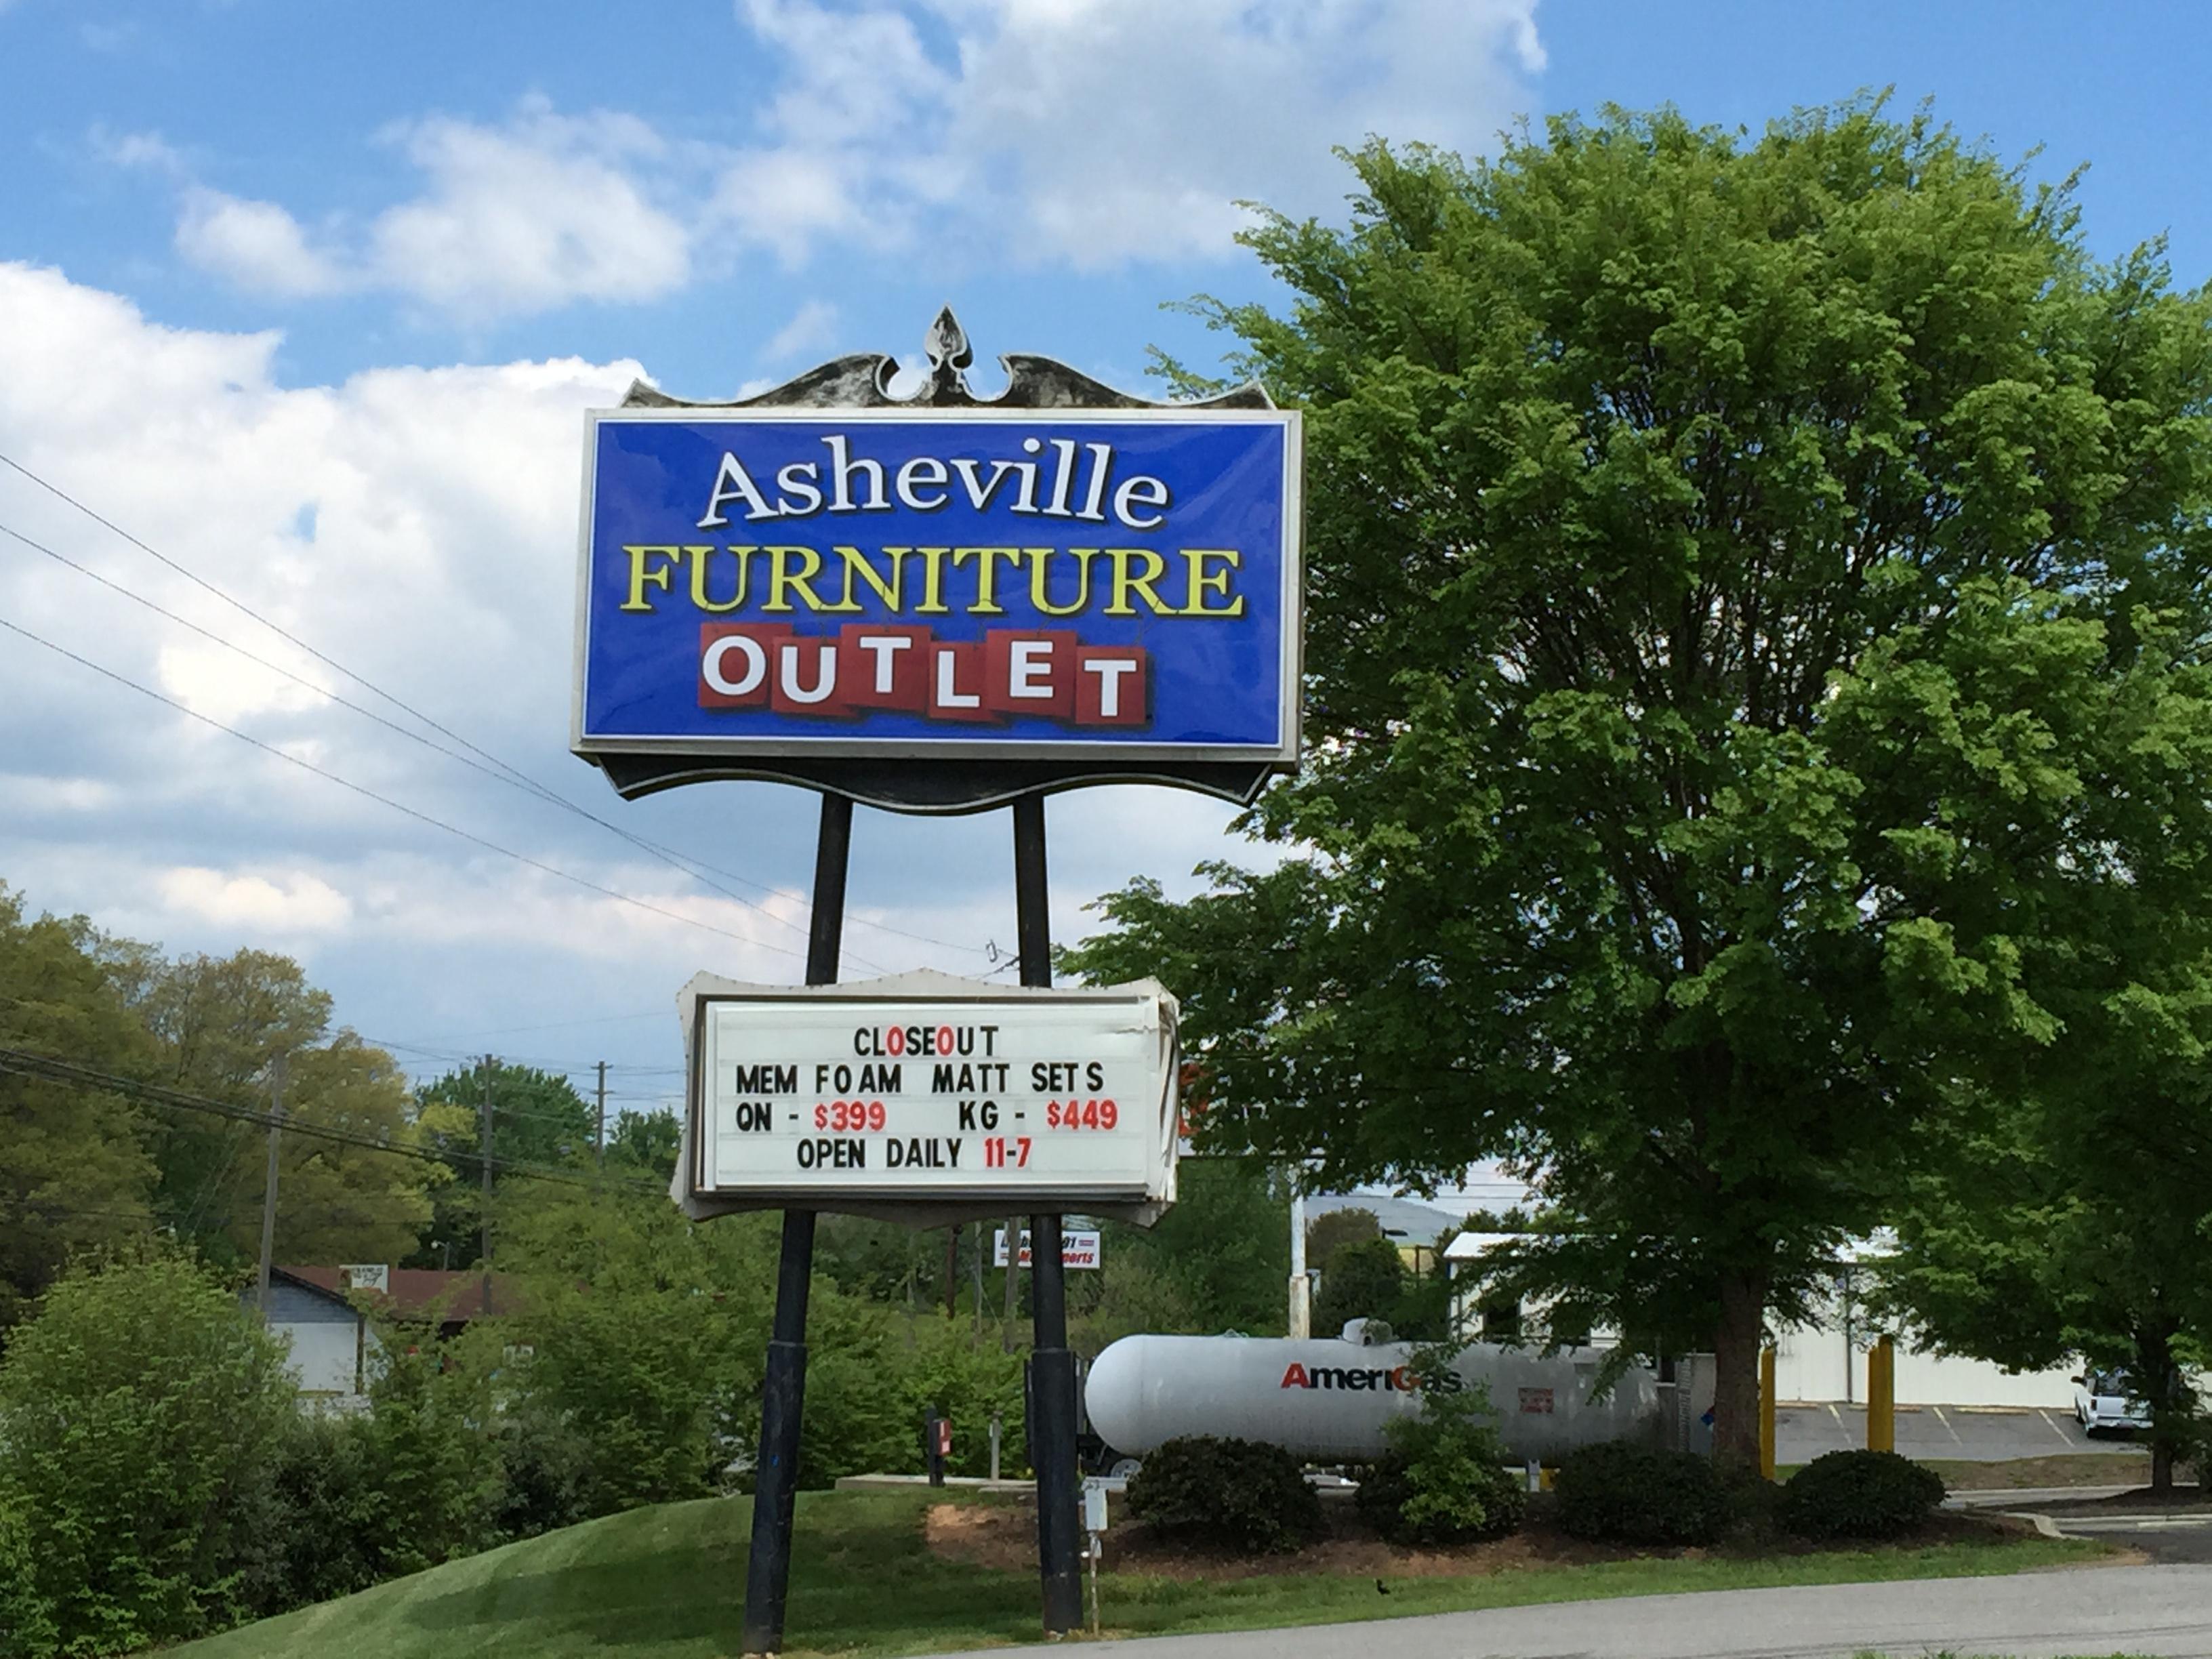 Asheville Furniture Outlet 26 Old Brevard Rd Asheville Nc 28806